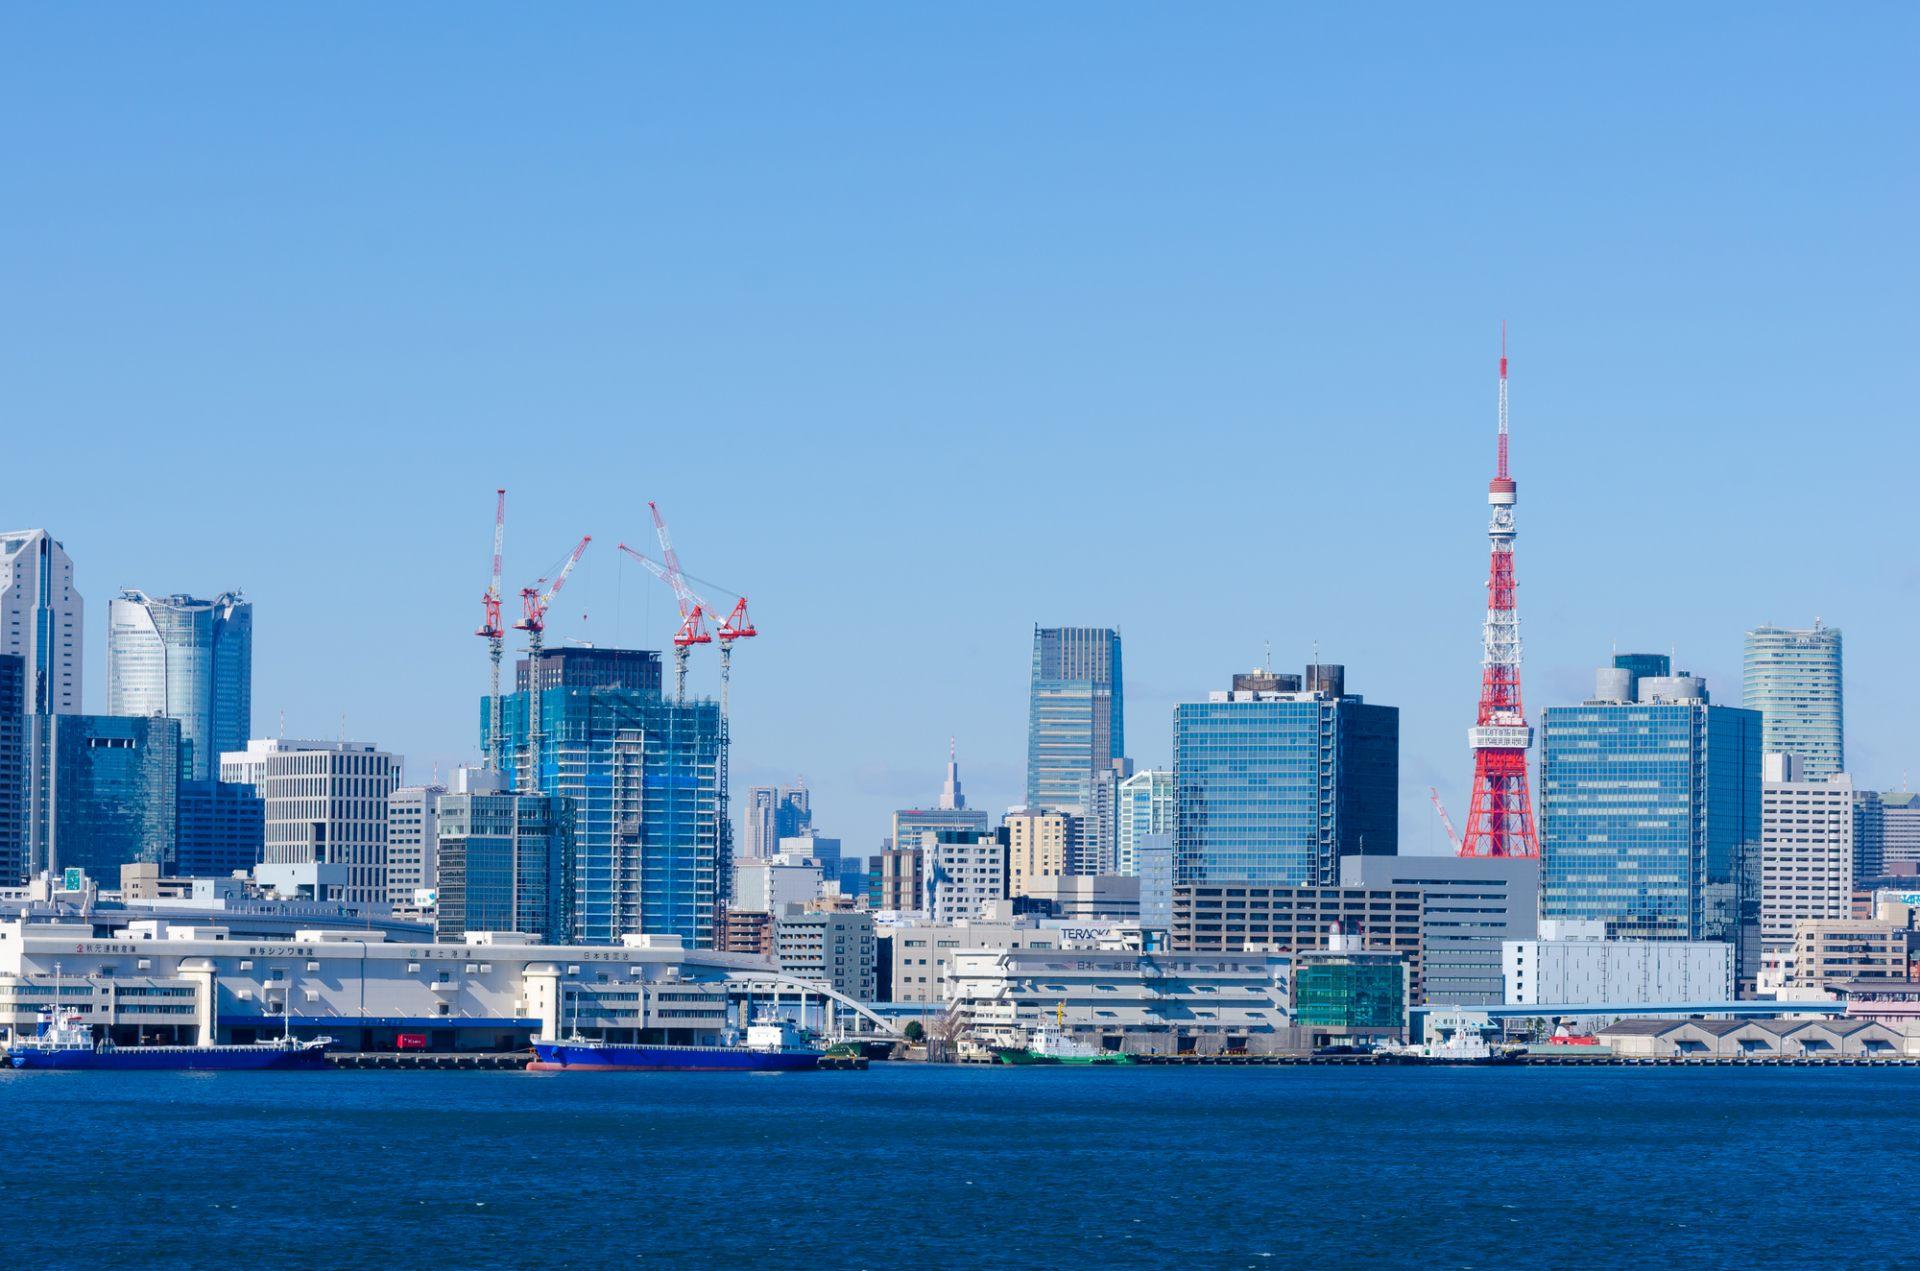 從彩虹大橋北側遊步道拍攝東京鐵塔和高層建築群